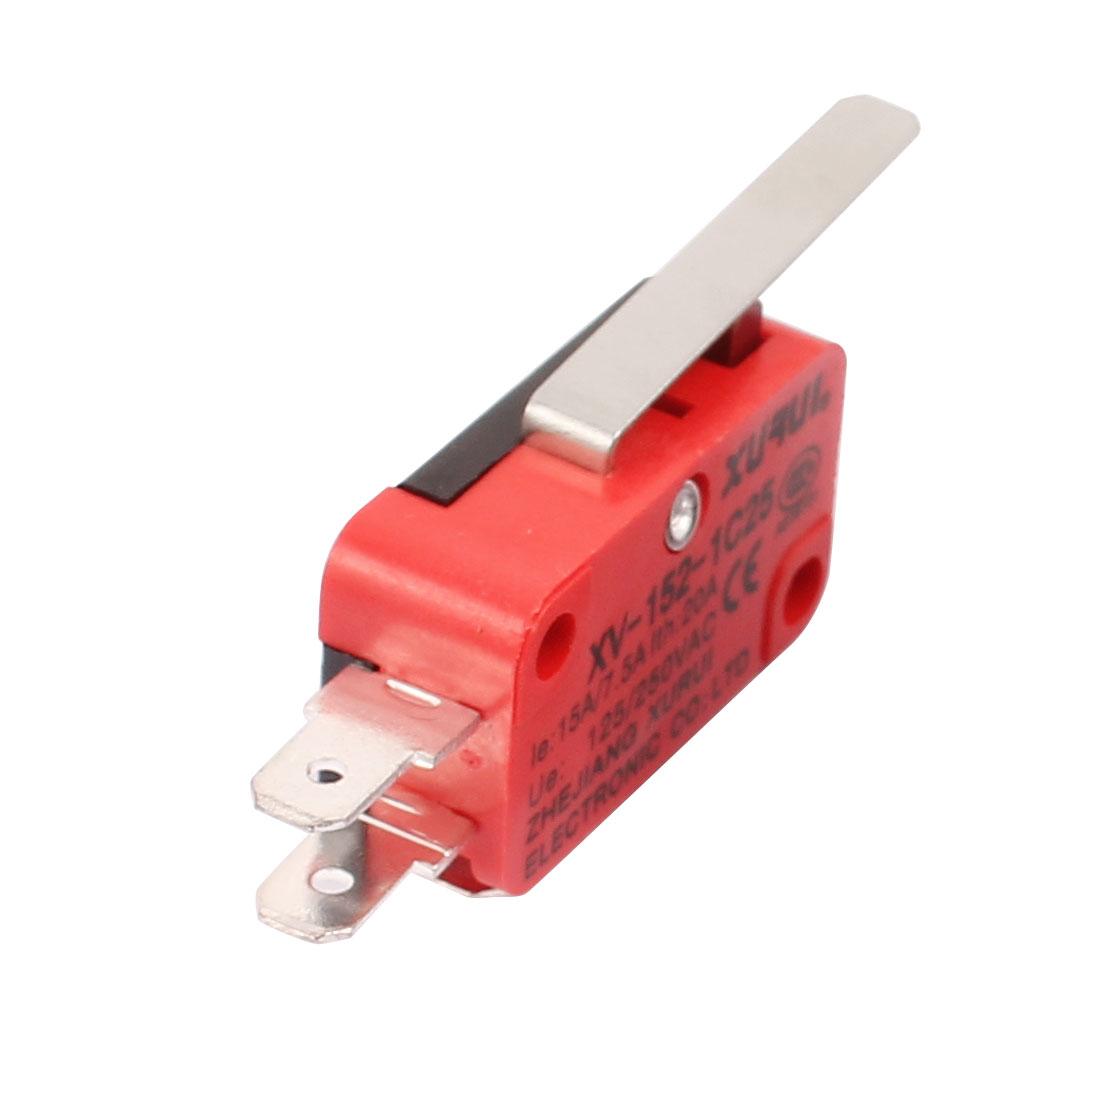 xv-152-1C25-Flachhebel-Art-Miniatur-Mikroschalter